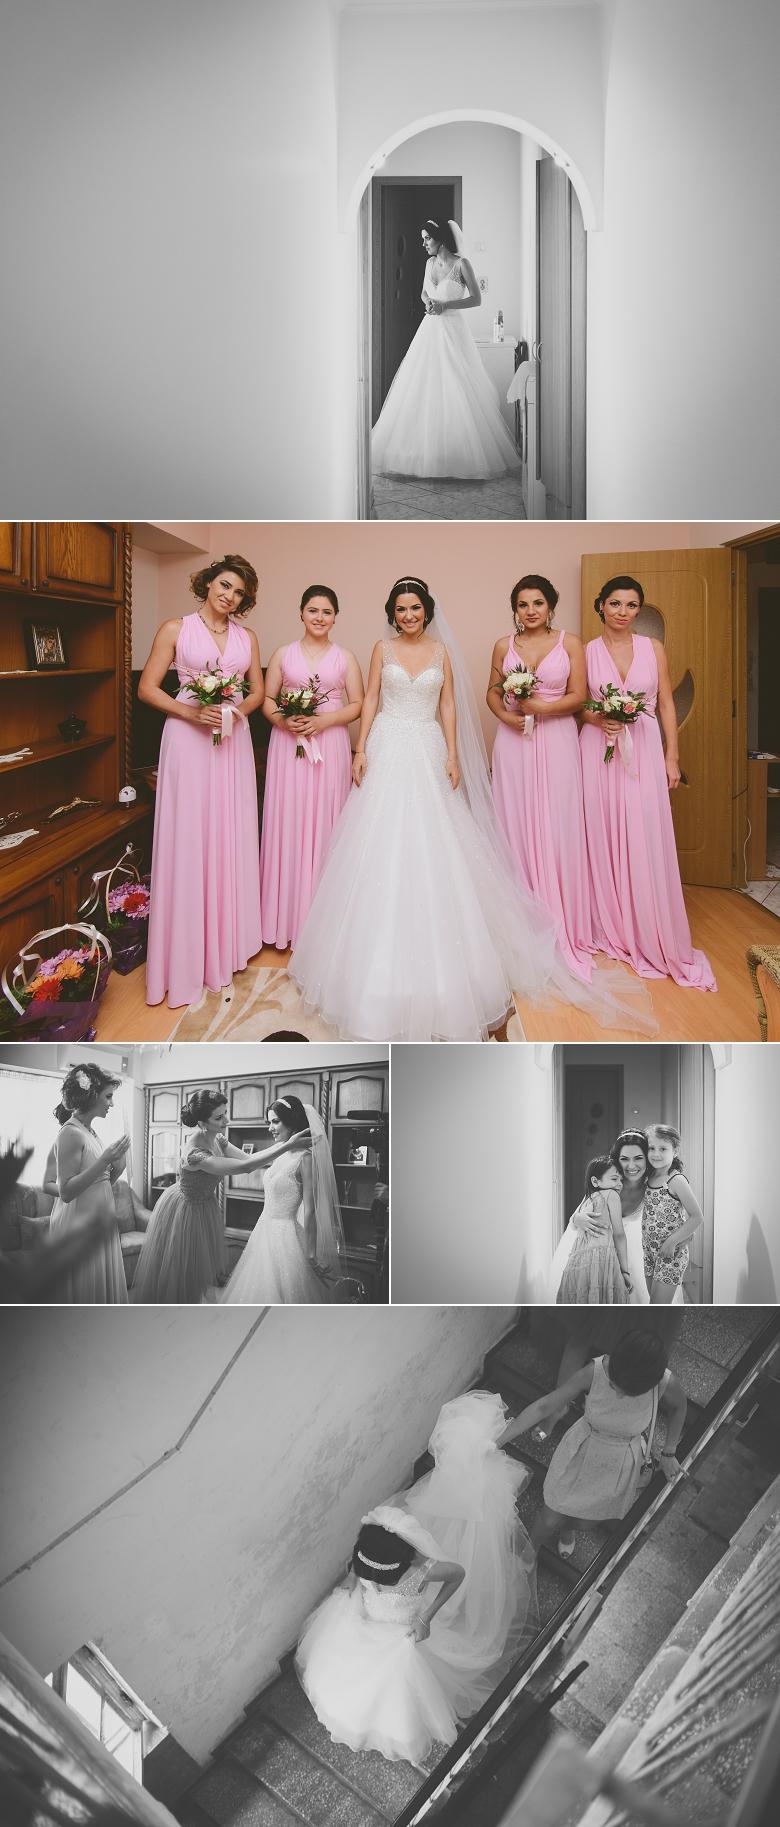 poze_nunta_palatul_stribei_fotograf_nunta_stirbei_fotografii_nunta_domeniul_stribei_buftea 4